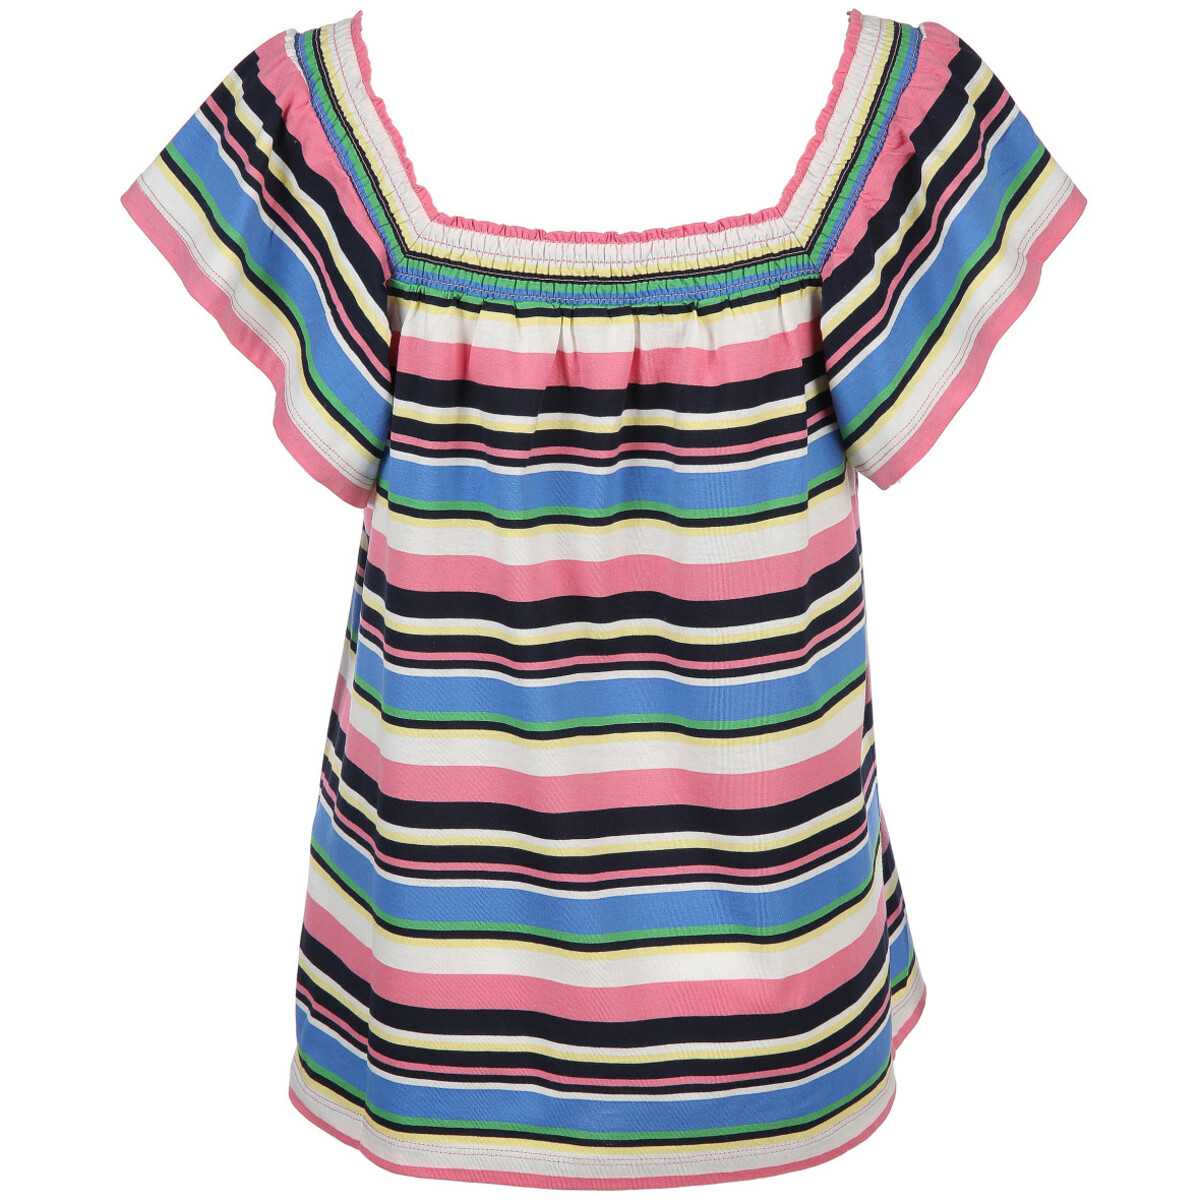 Bild 2 von Damen Carmenshirt im Streifen Look